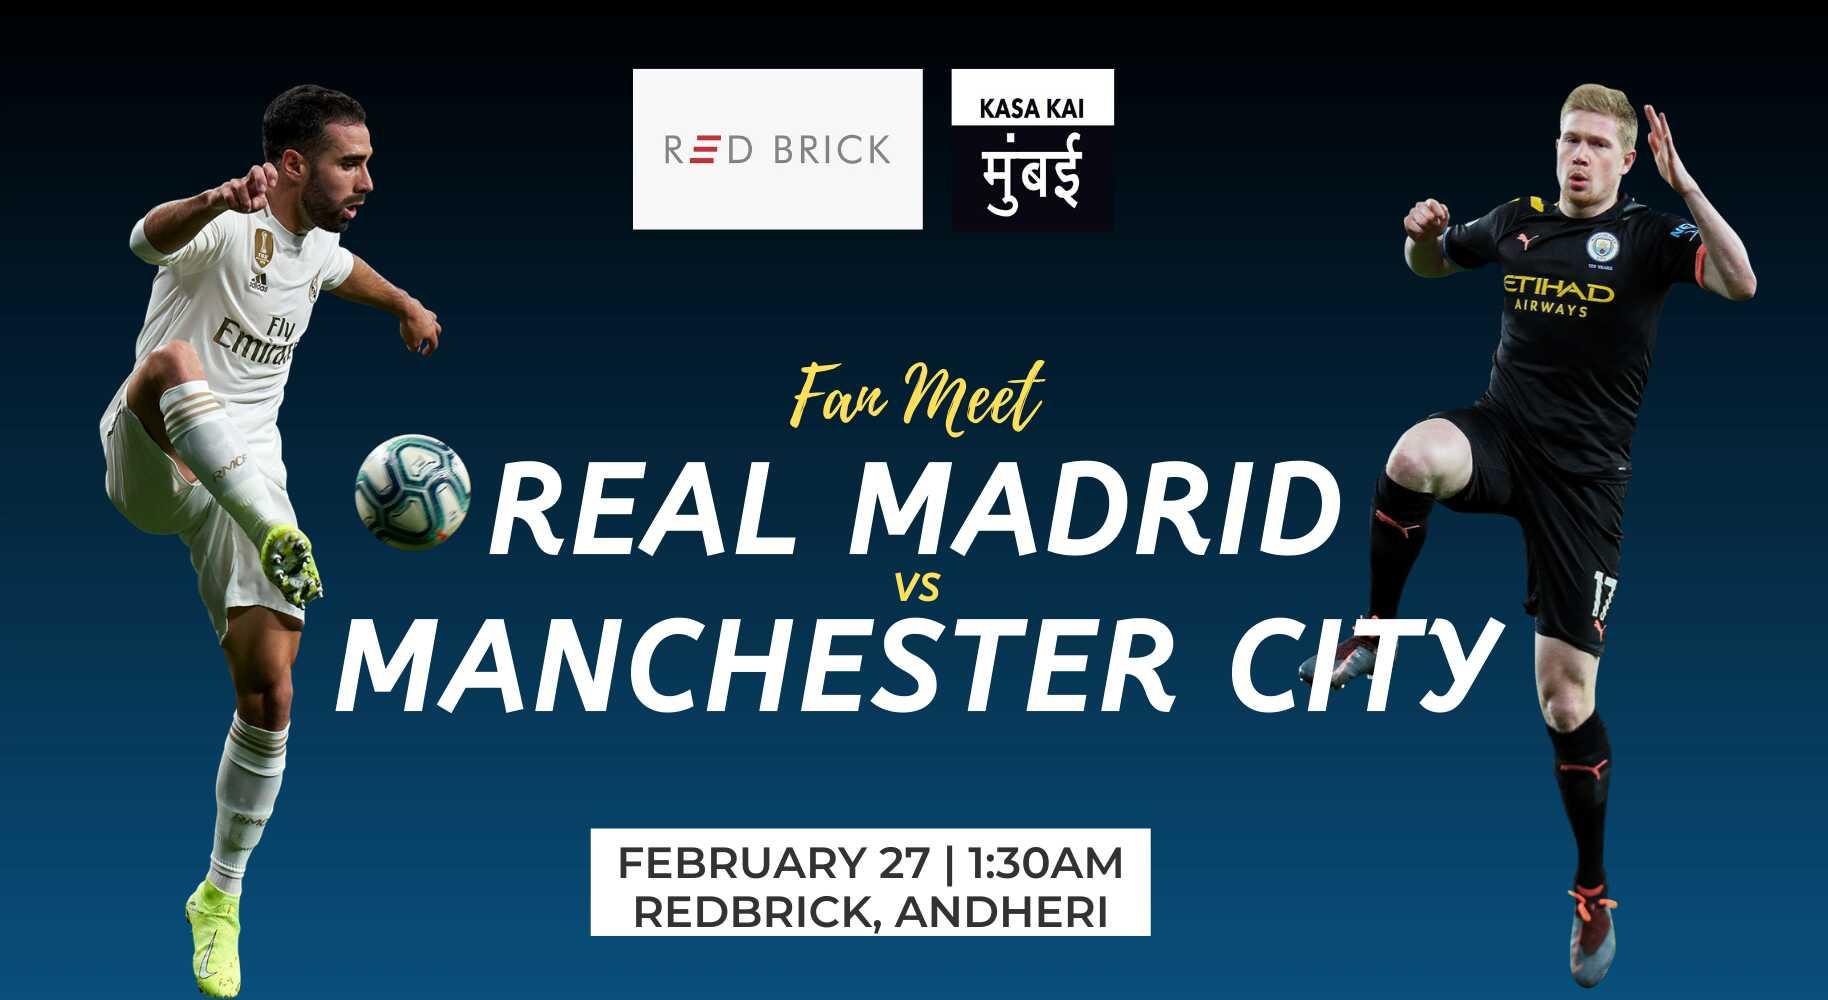 real madrid vs man city - photo #11